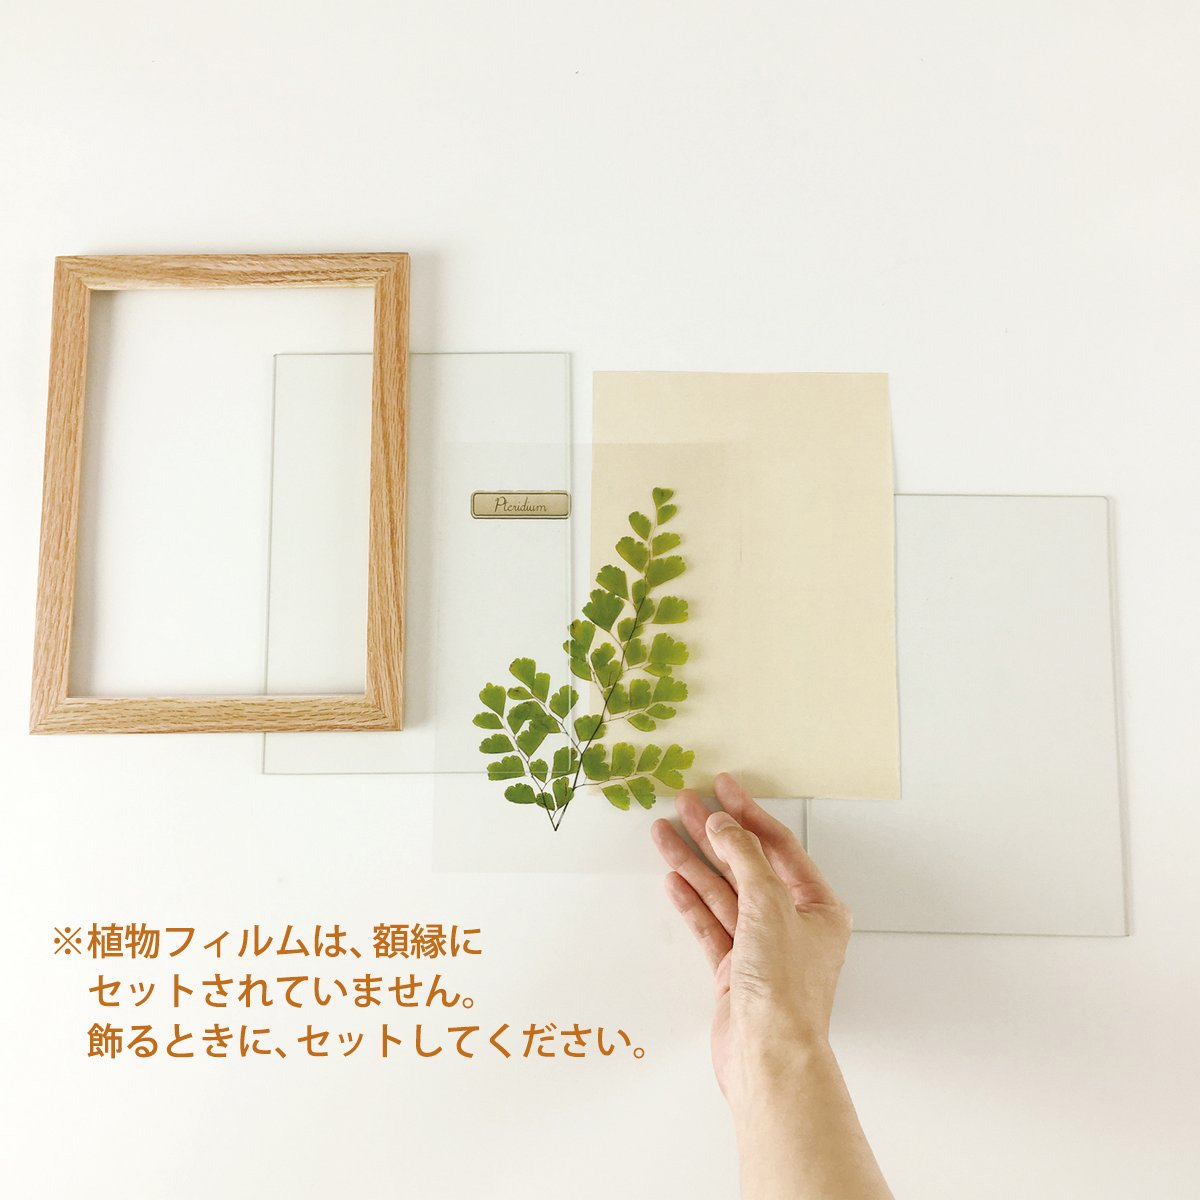 【アートフレーム】ハーバリウムフレーム ポプラ/ナチュラル(壁掛け)